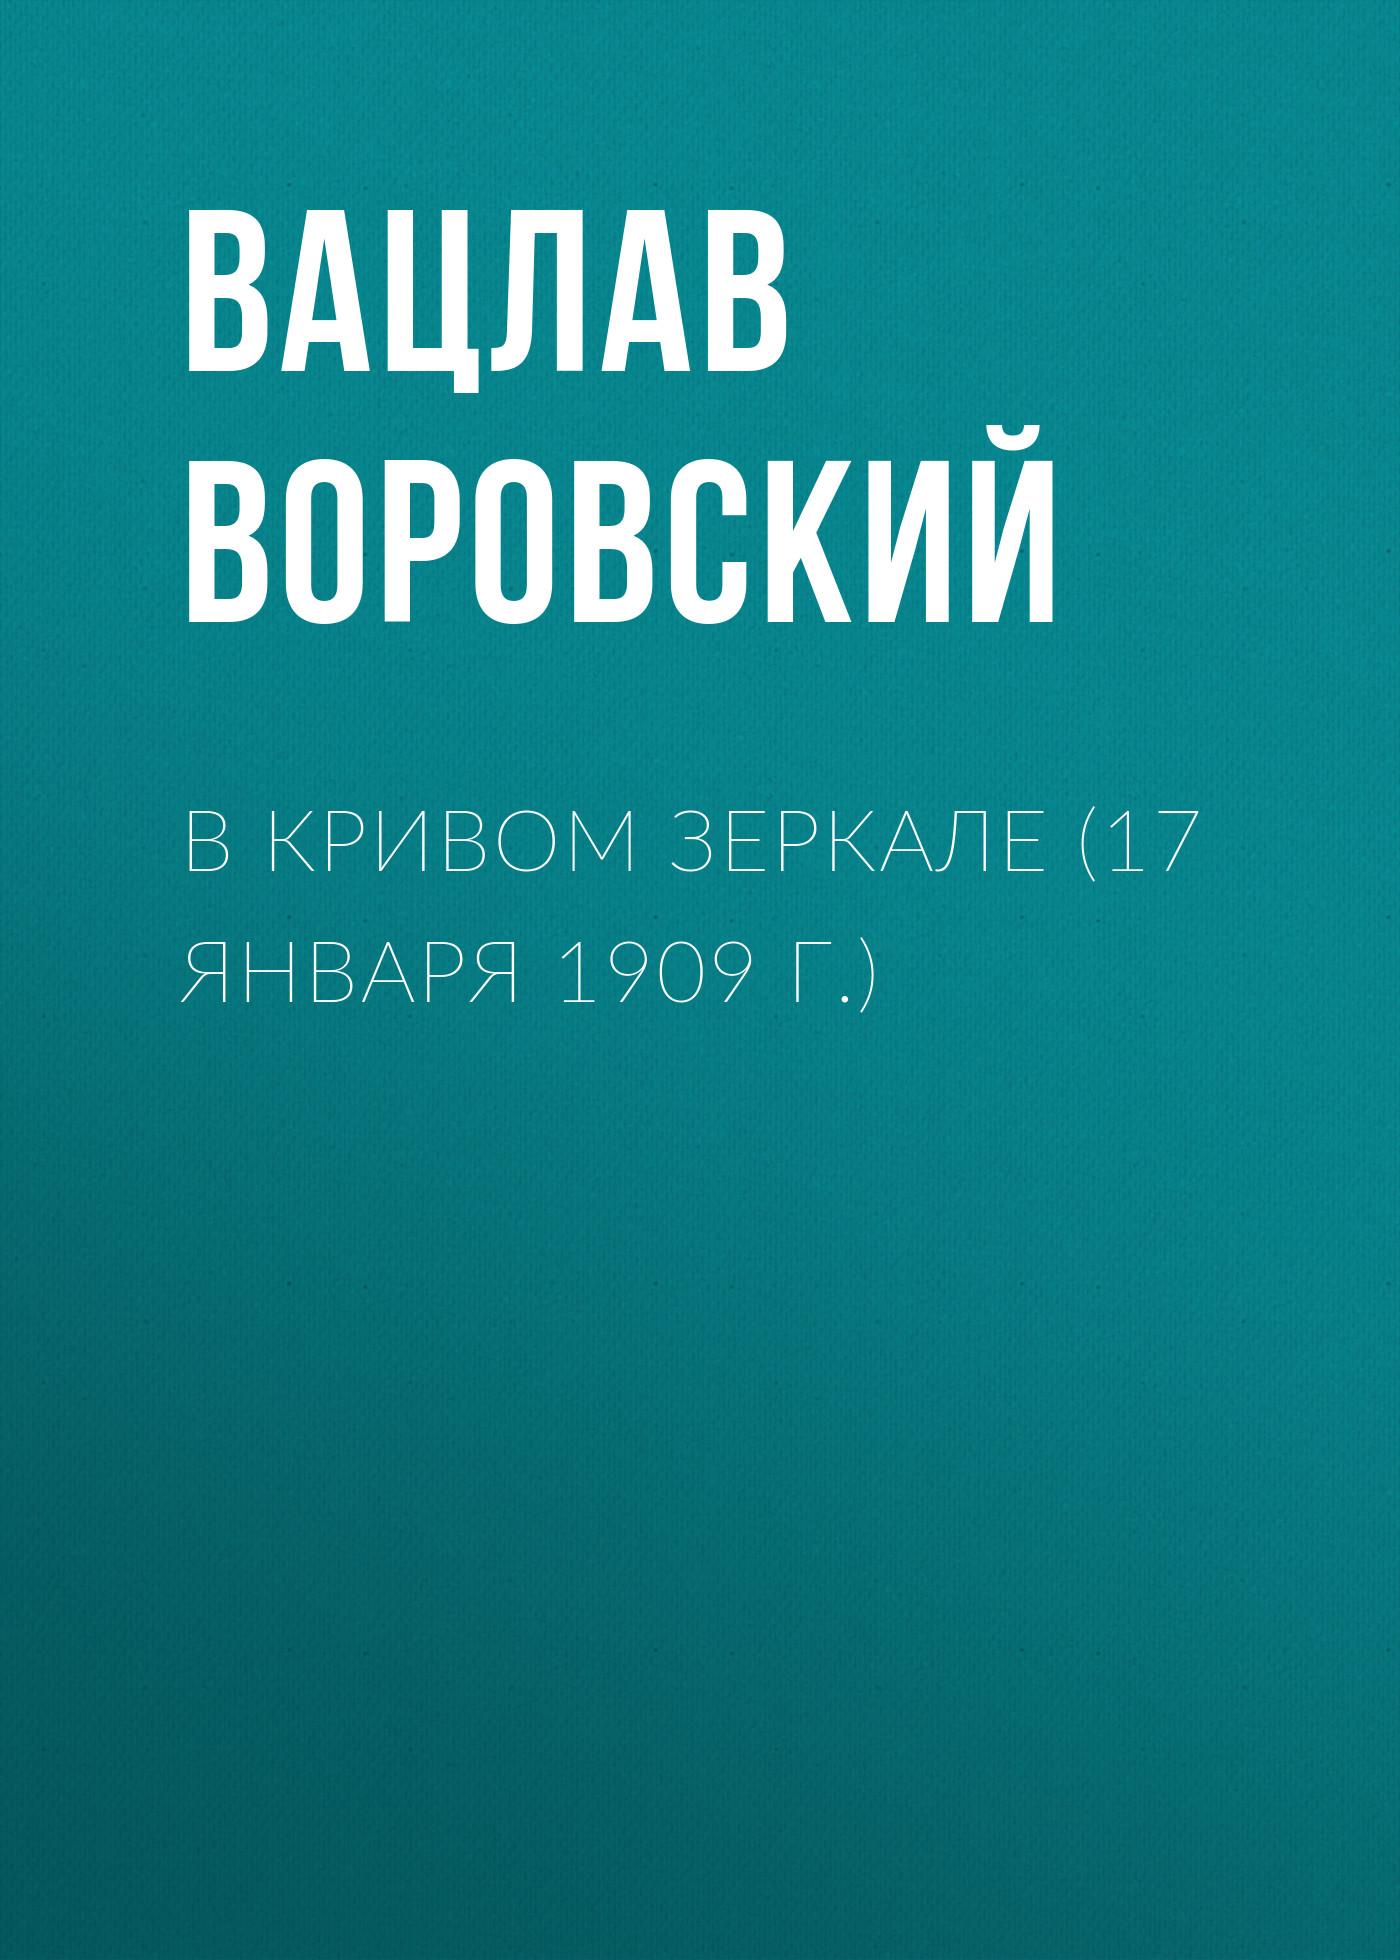 Вацлав Воровский В кривом зеркале (17 января 1909 г.) вацлав воровский мысли вслух 15 января 1910 г